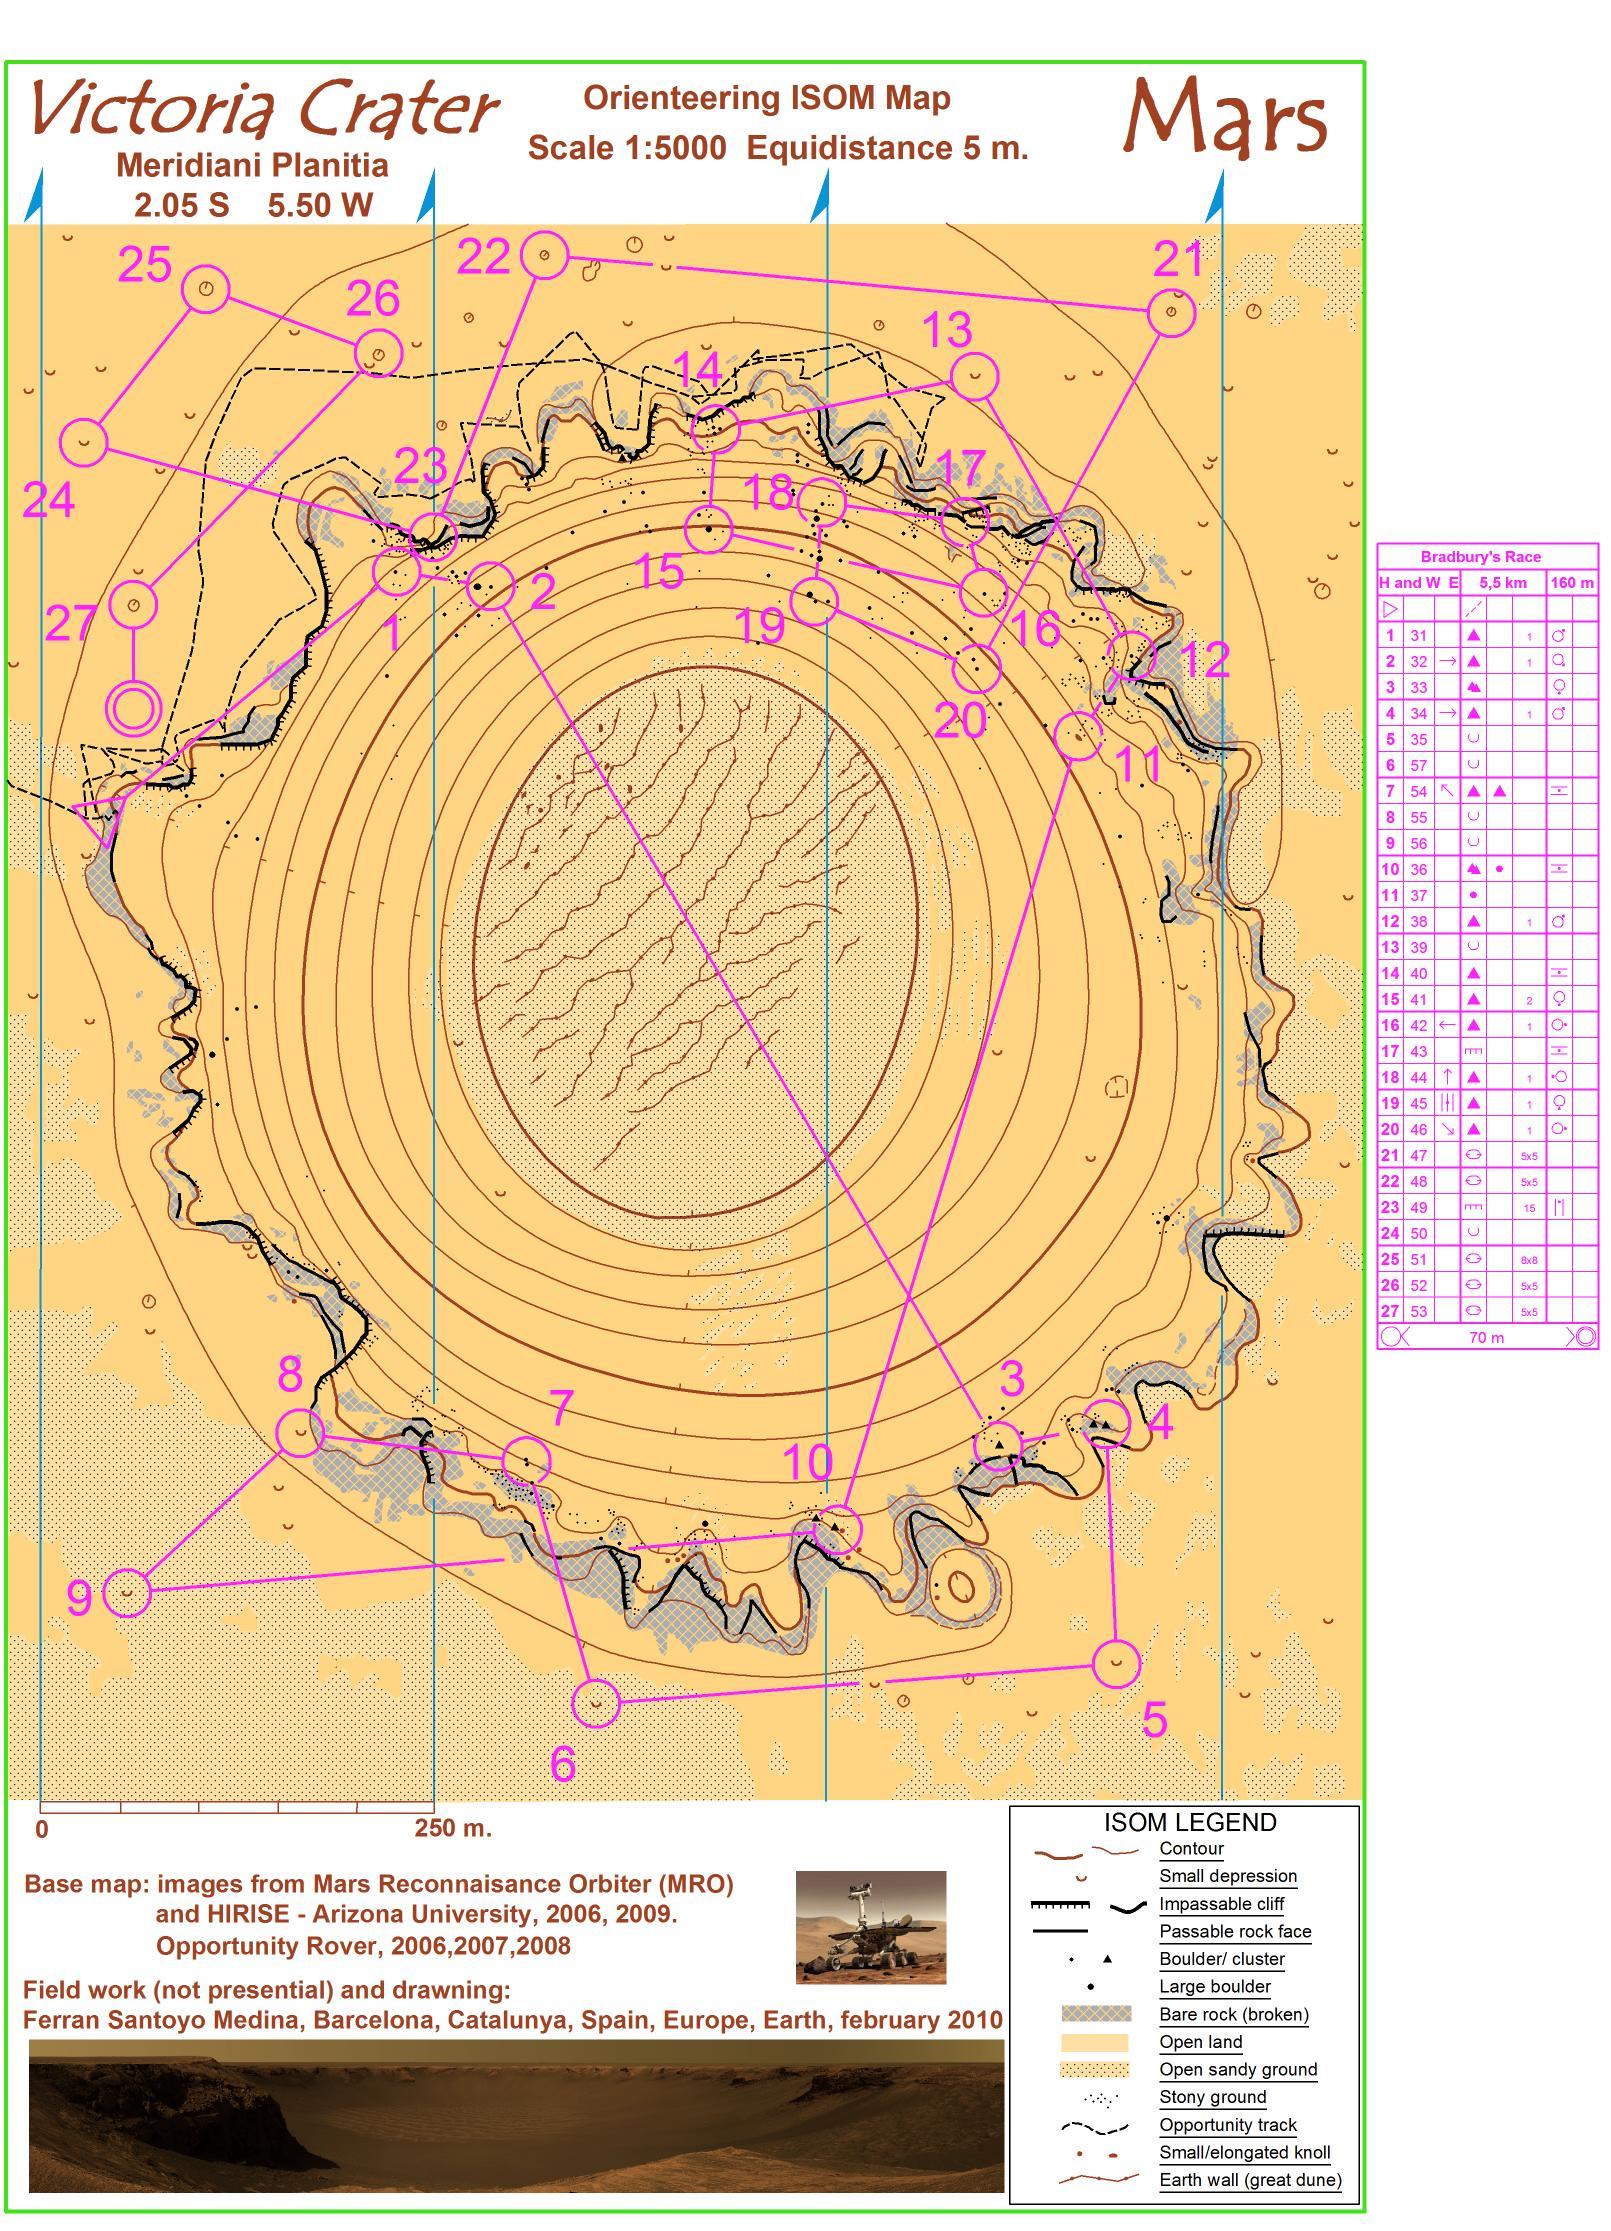 Victoria Crater; orienteering map